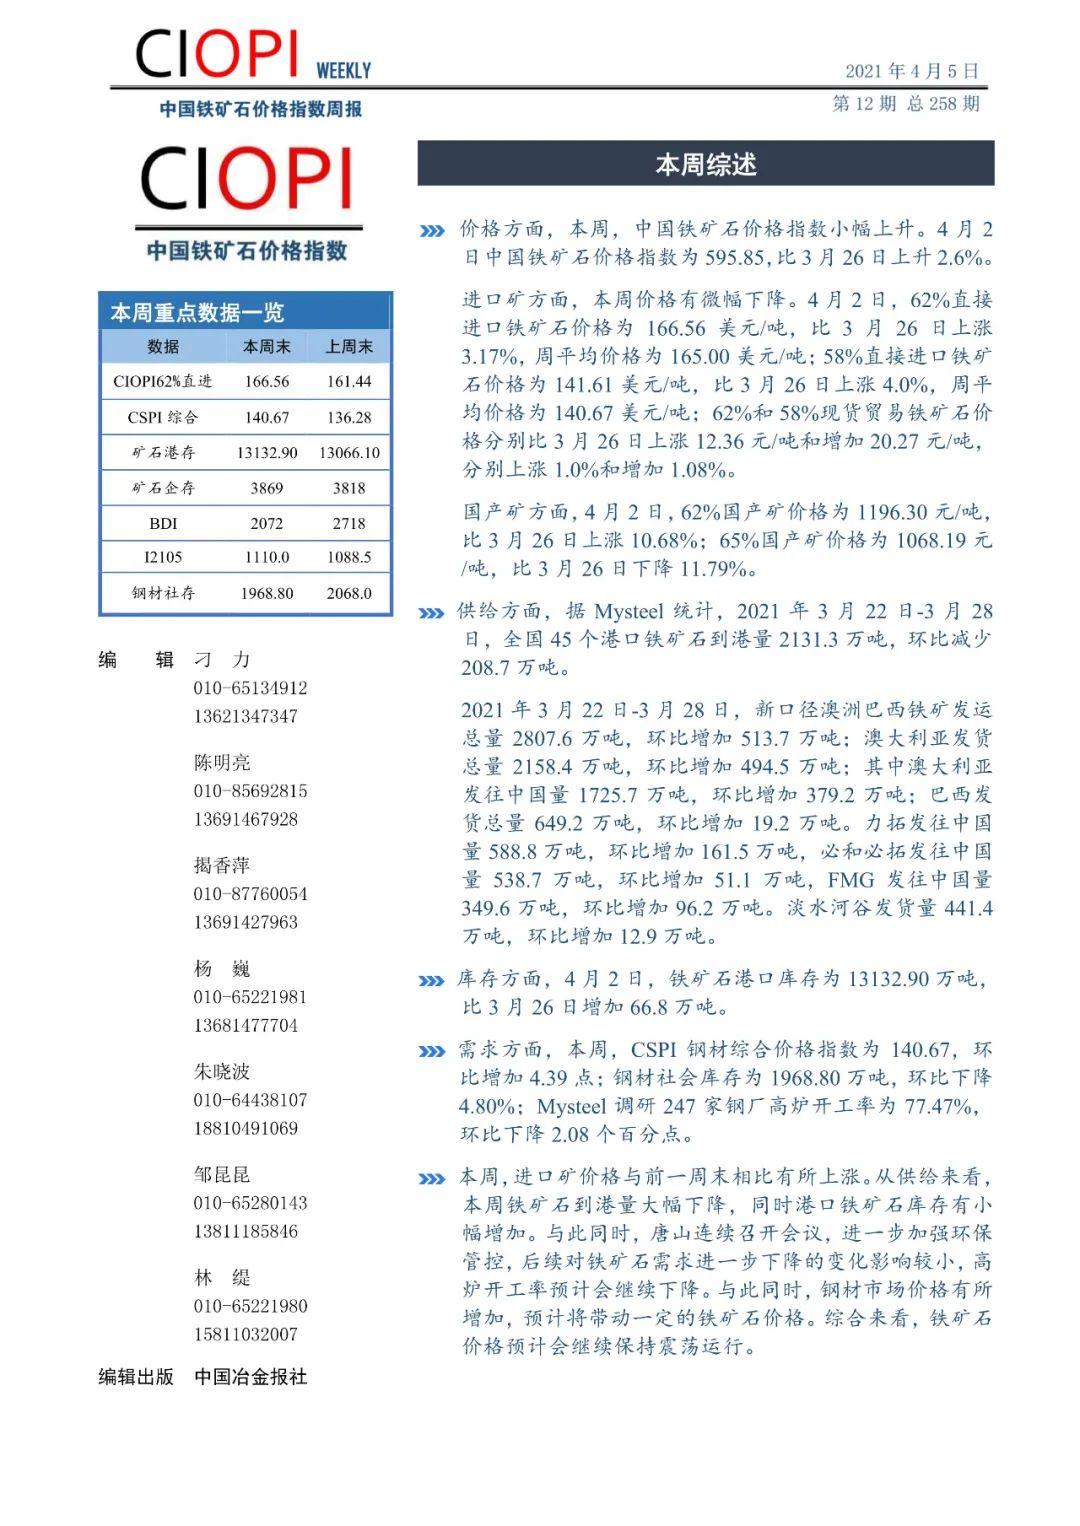 中国铁矿石价格指数周报(3月29日-4月2日)